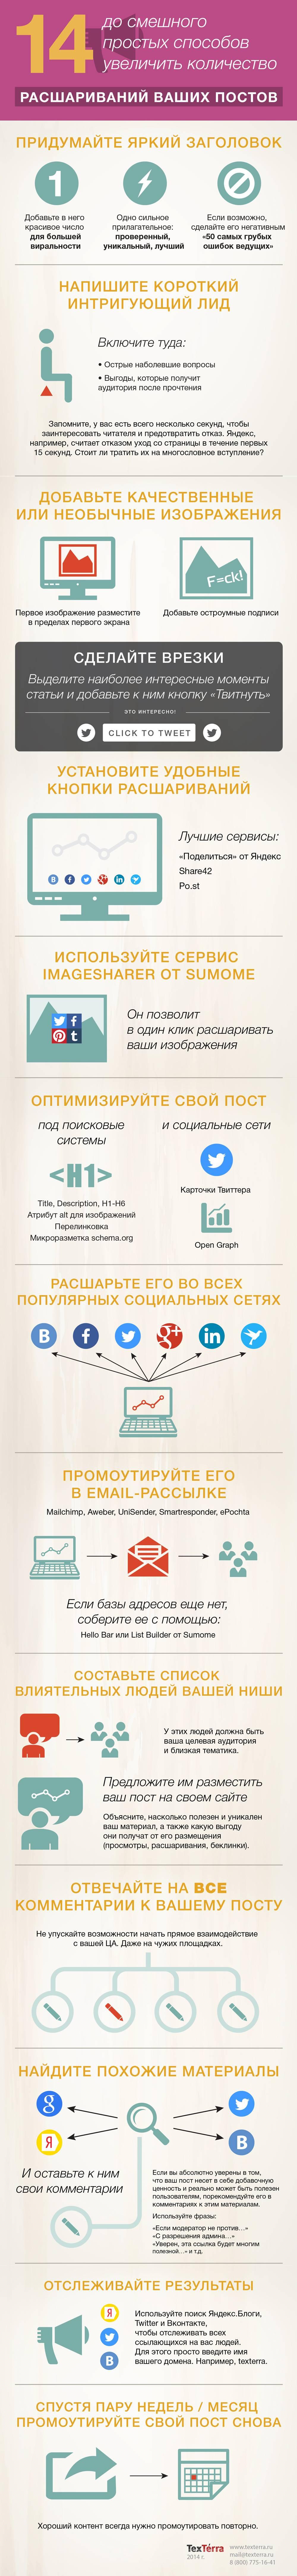 2014-06-06-infografika-01.jpg